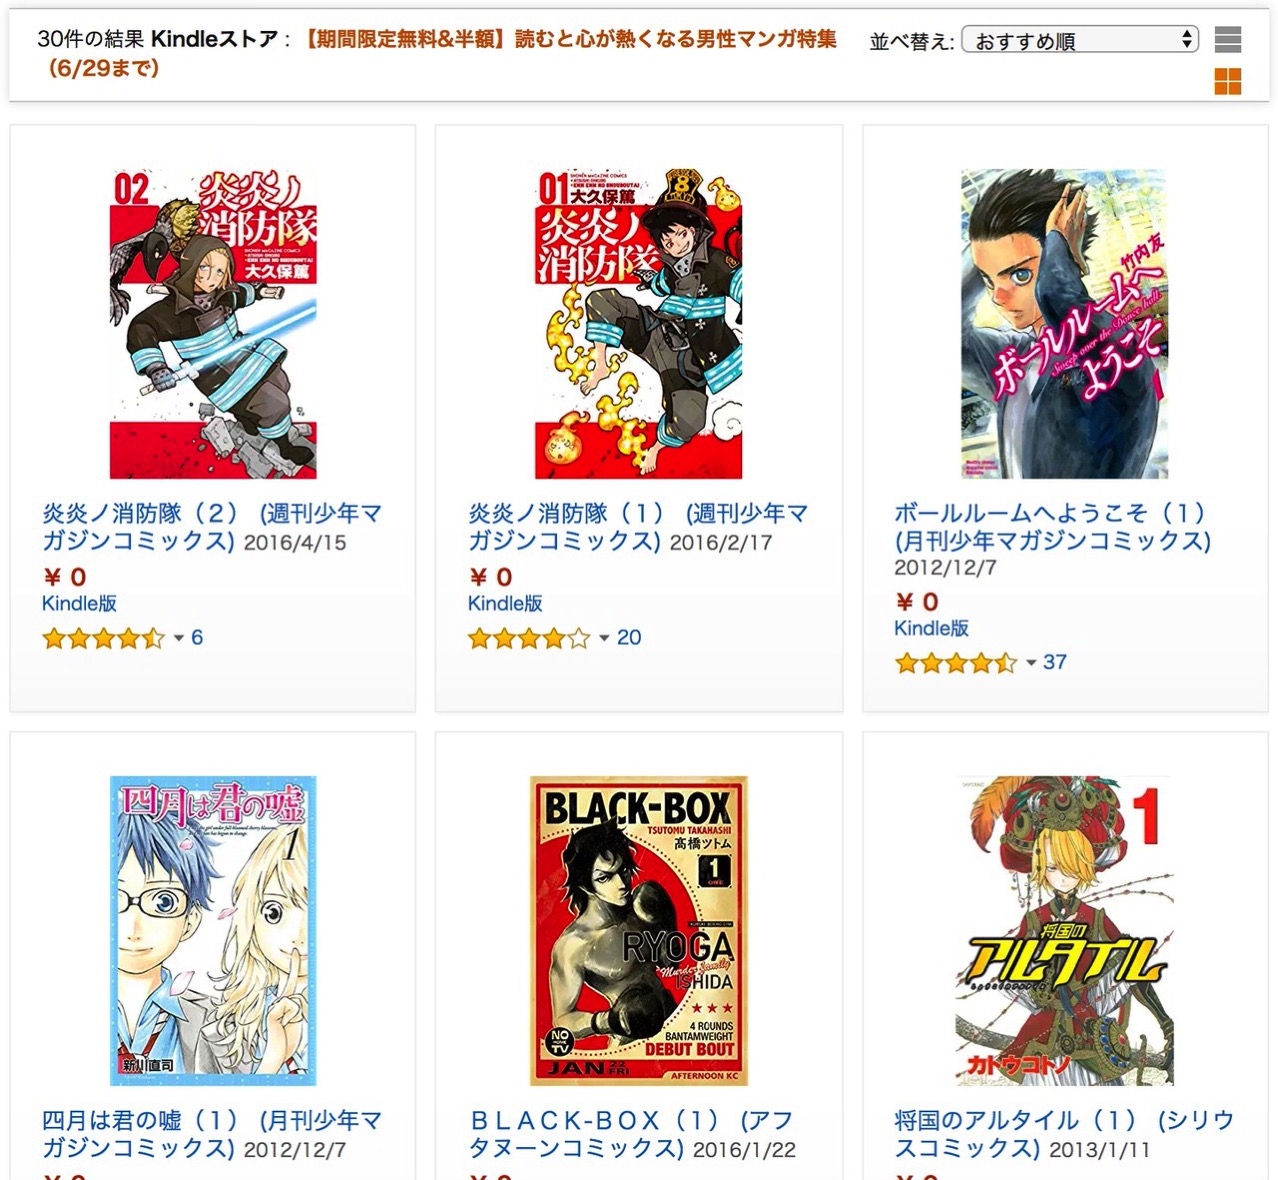 Kindle【期間限定無料&半額】読むと心が熱くなる男性マンガ特集(6/29まで)